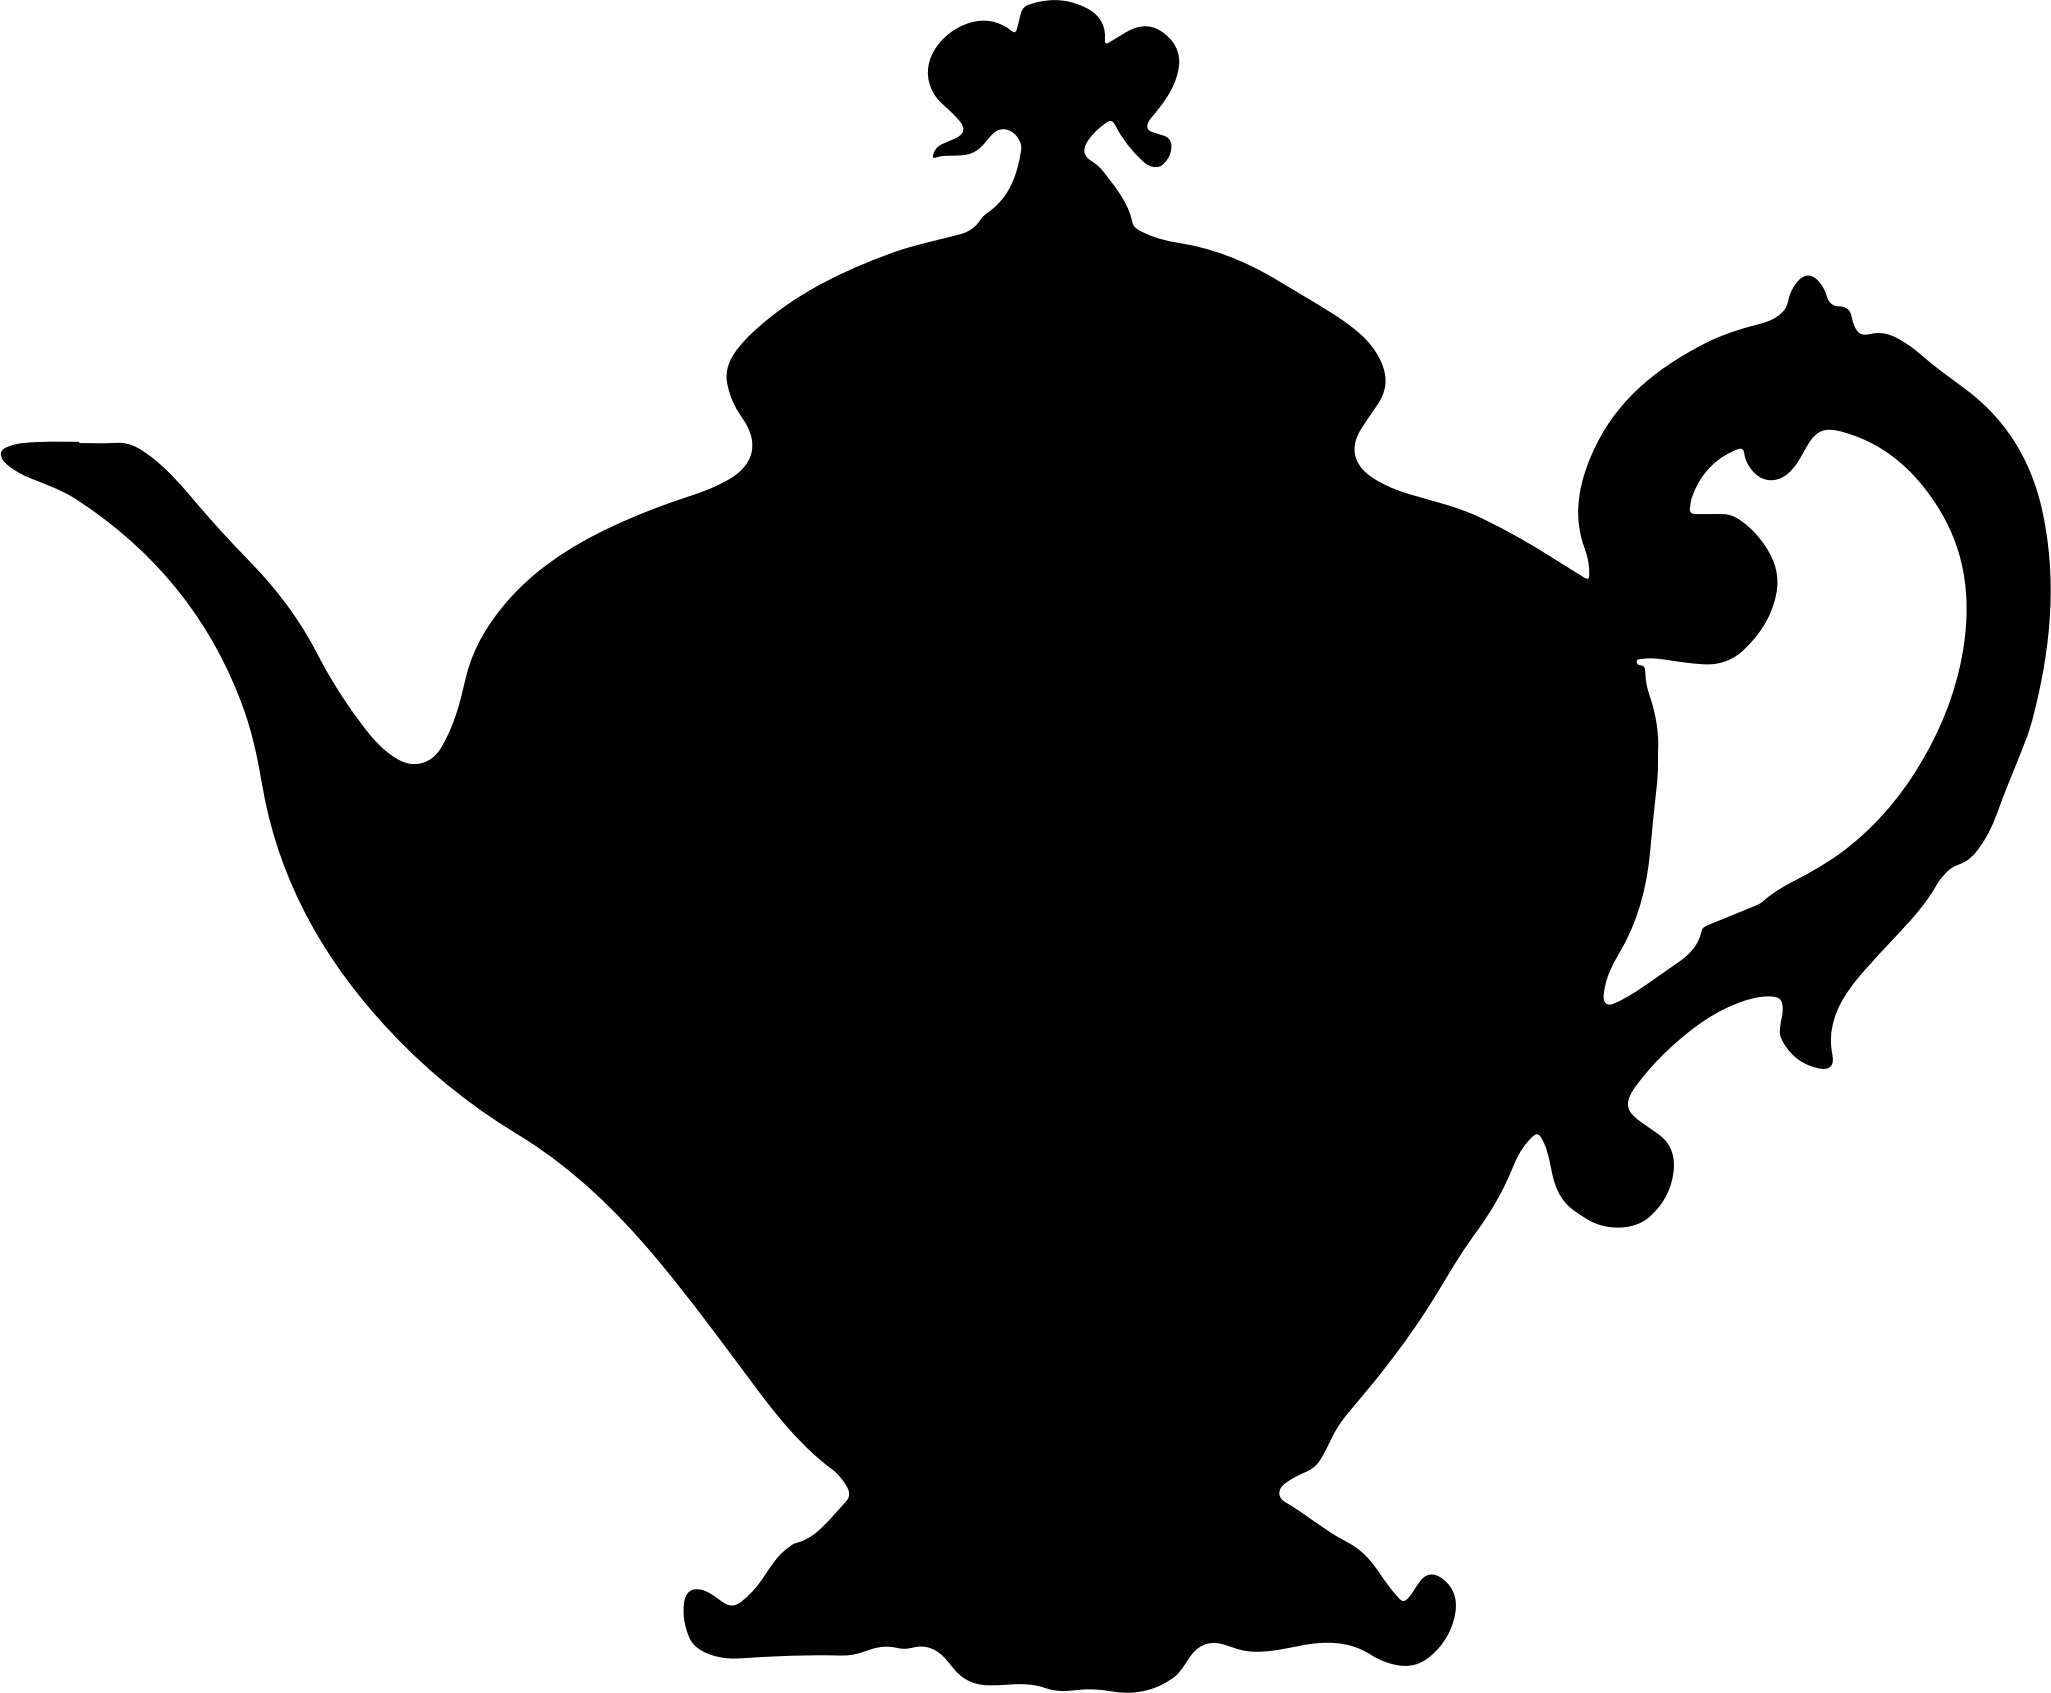 Clipart vintage teapot silhouette